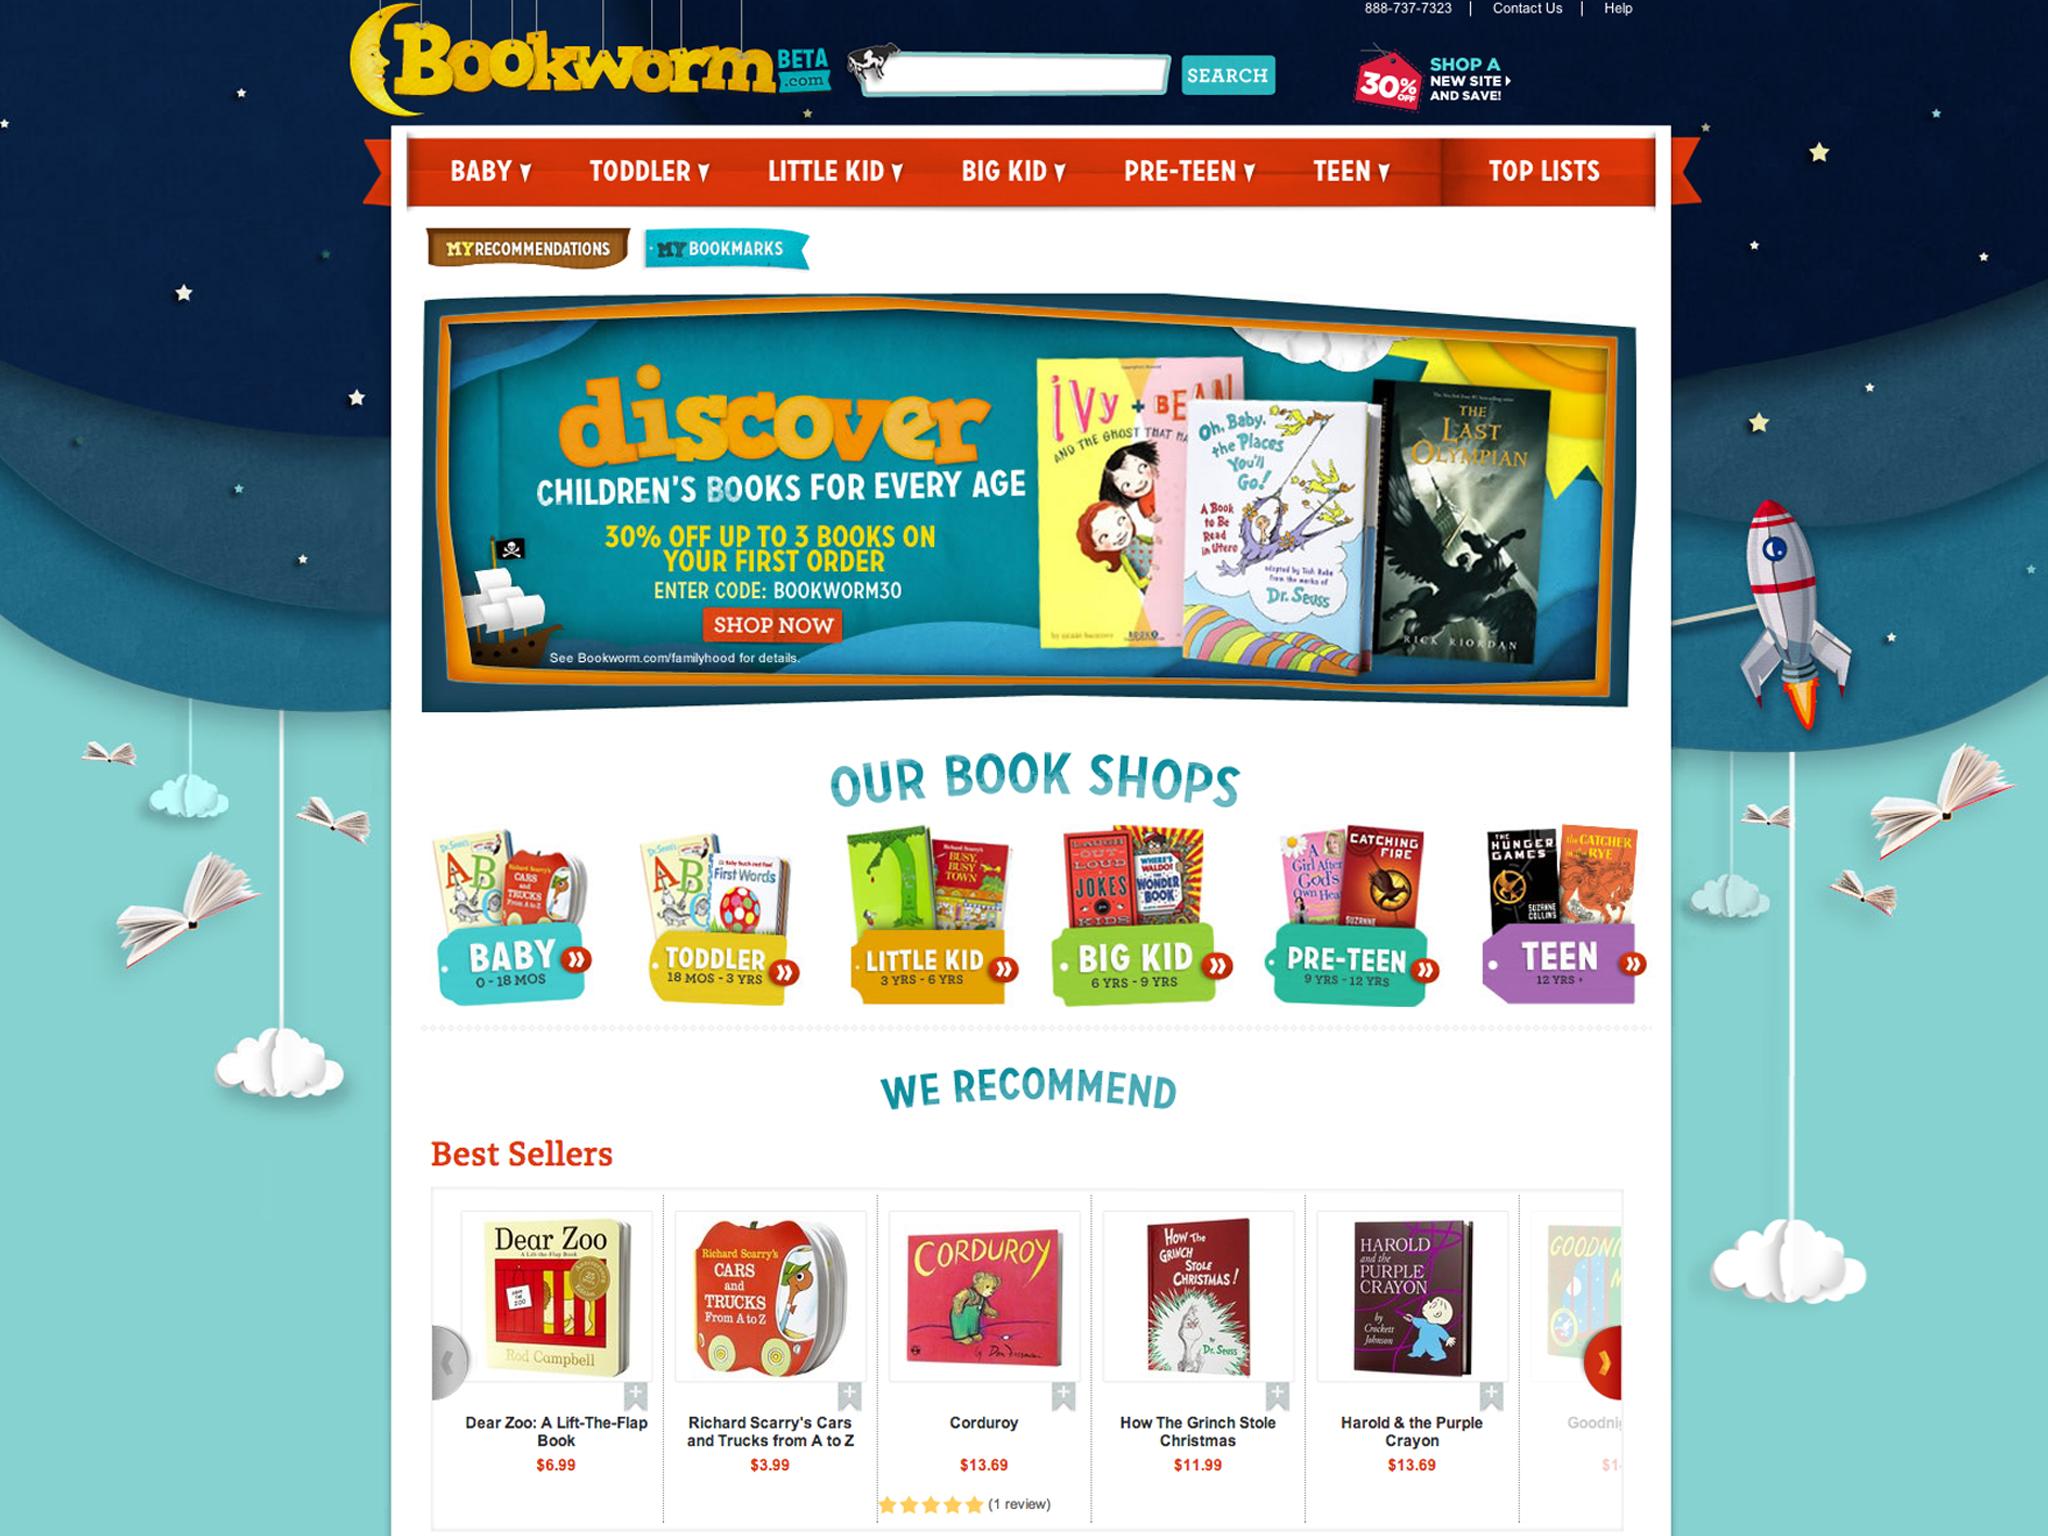 Bookworm_Homepage.jpg